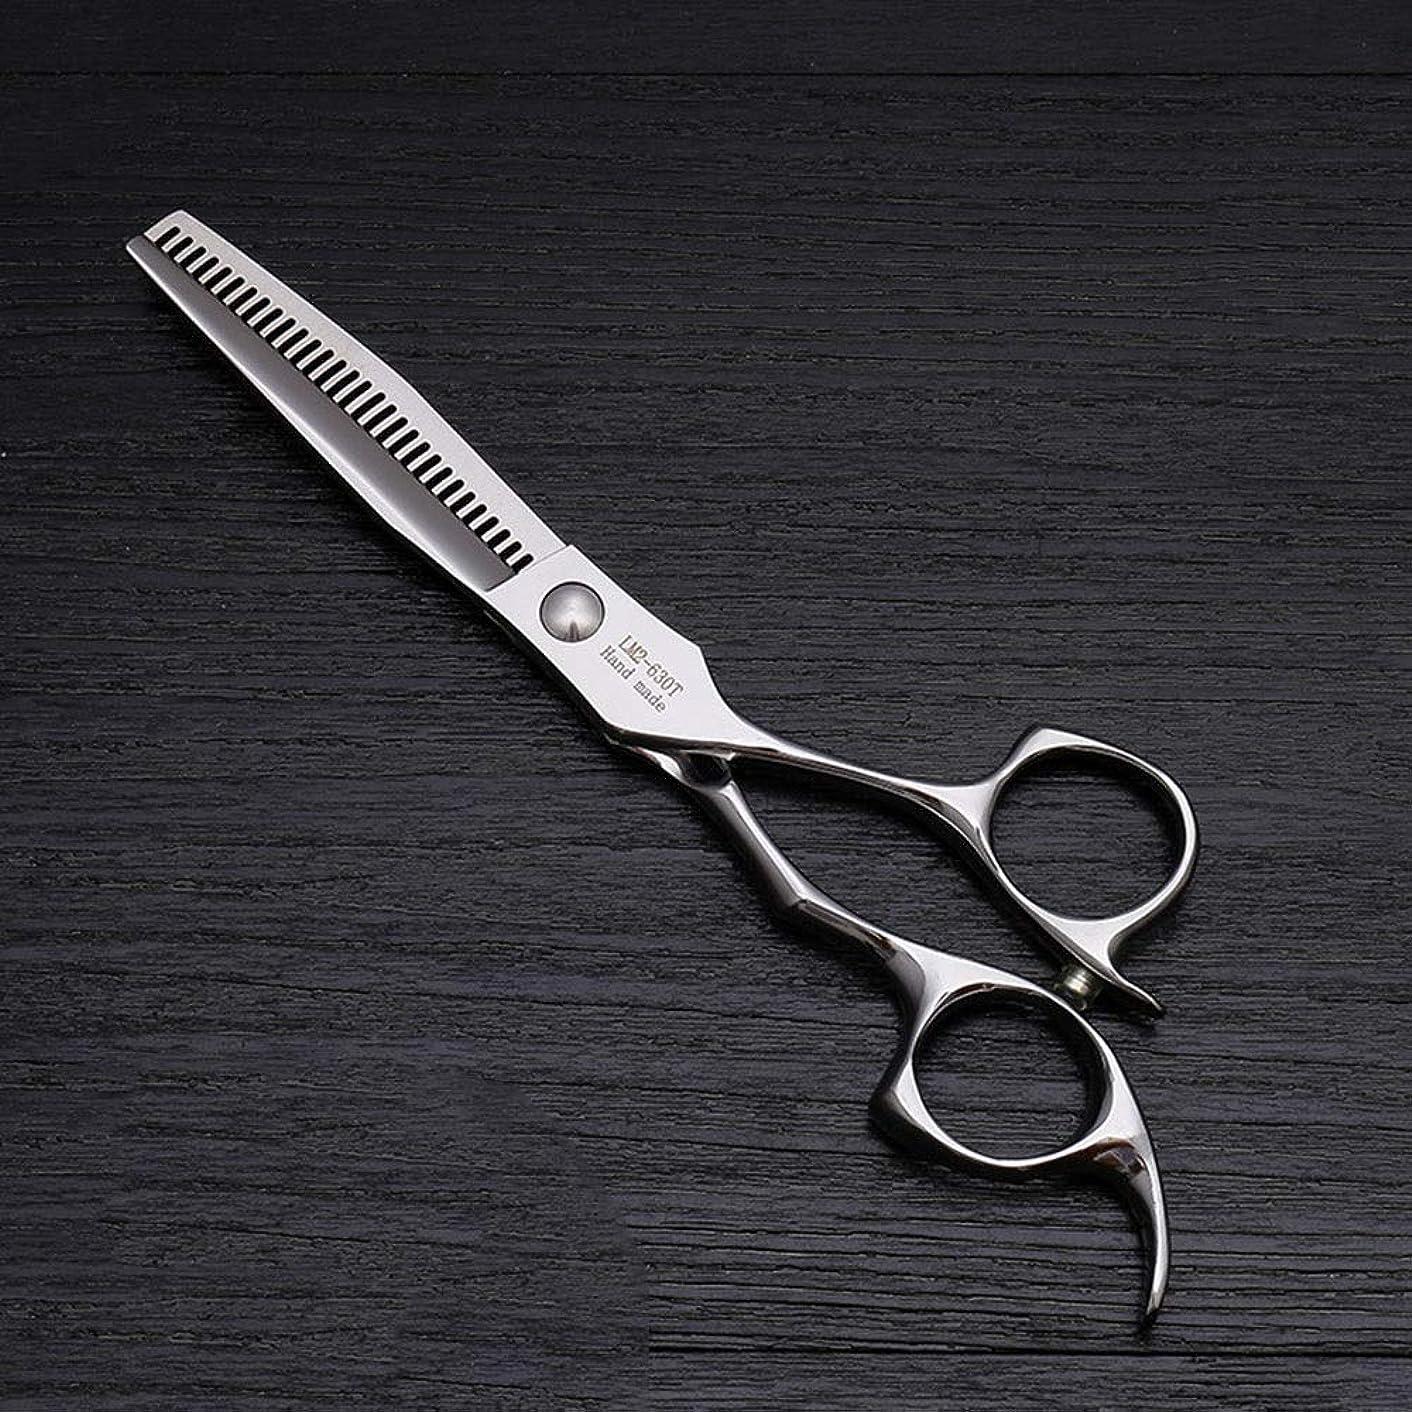 摂動フライカイト象6インチのステンレス鋼の理髪はさみ、美容院の毛の切断用具 モデリングツール (色 : Silver)